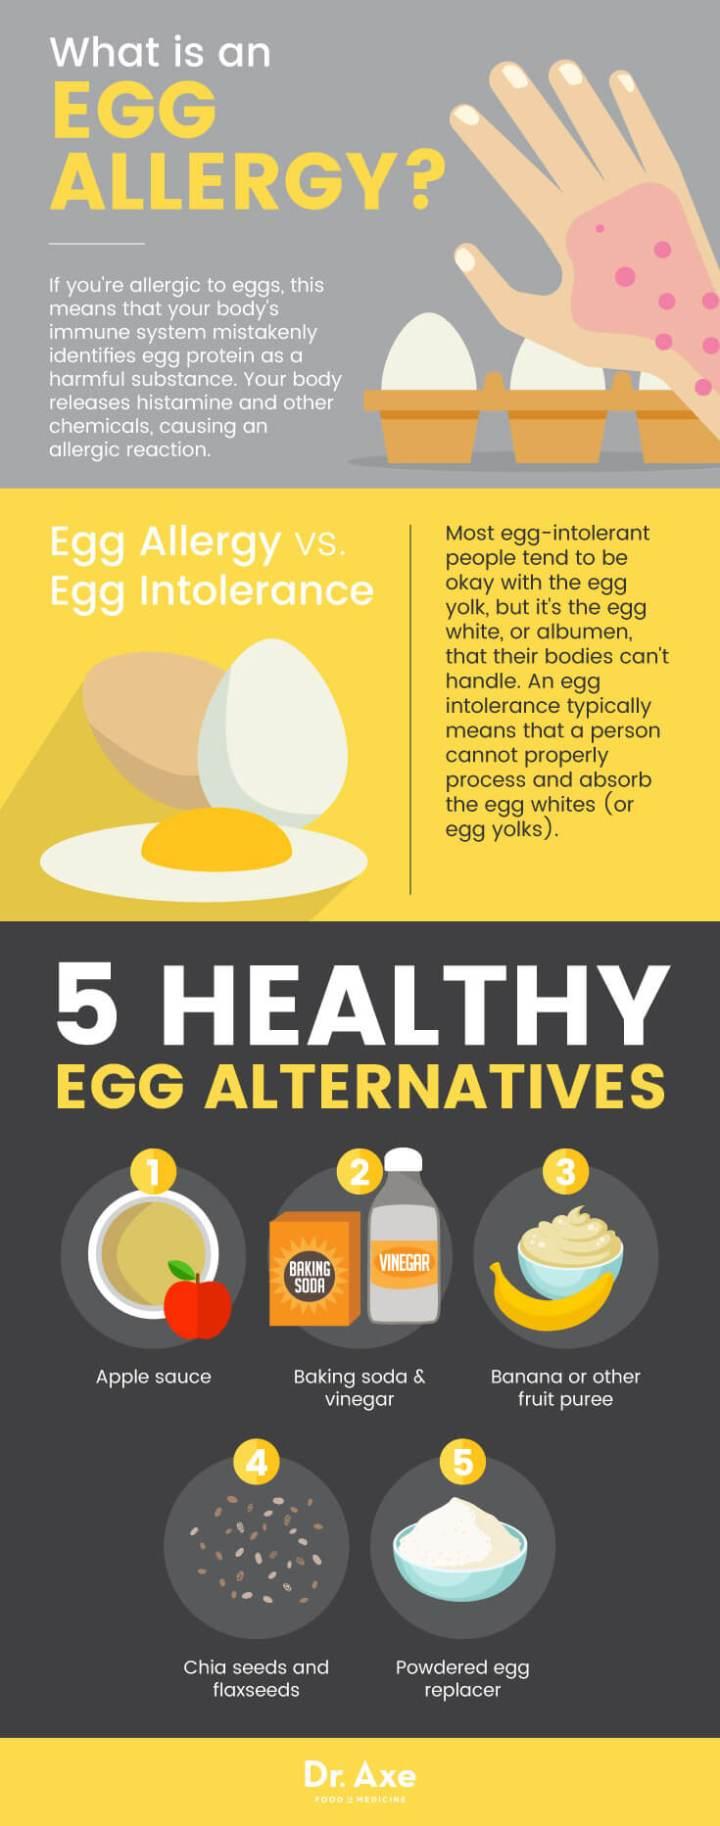 Egg allergy & egg alternatives